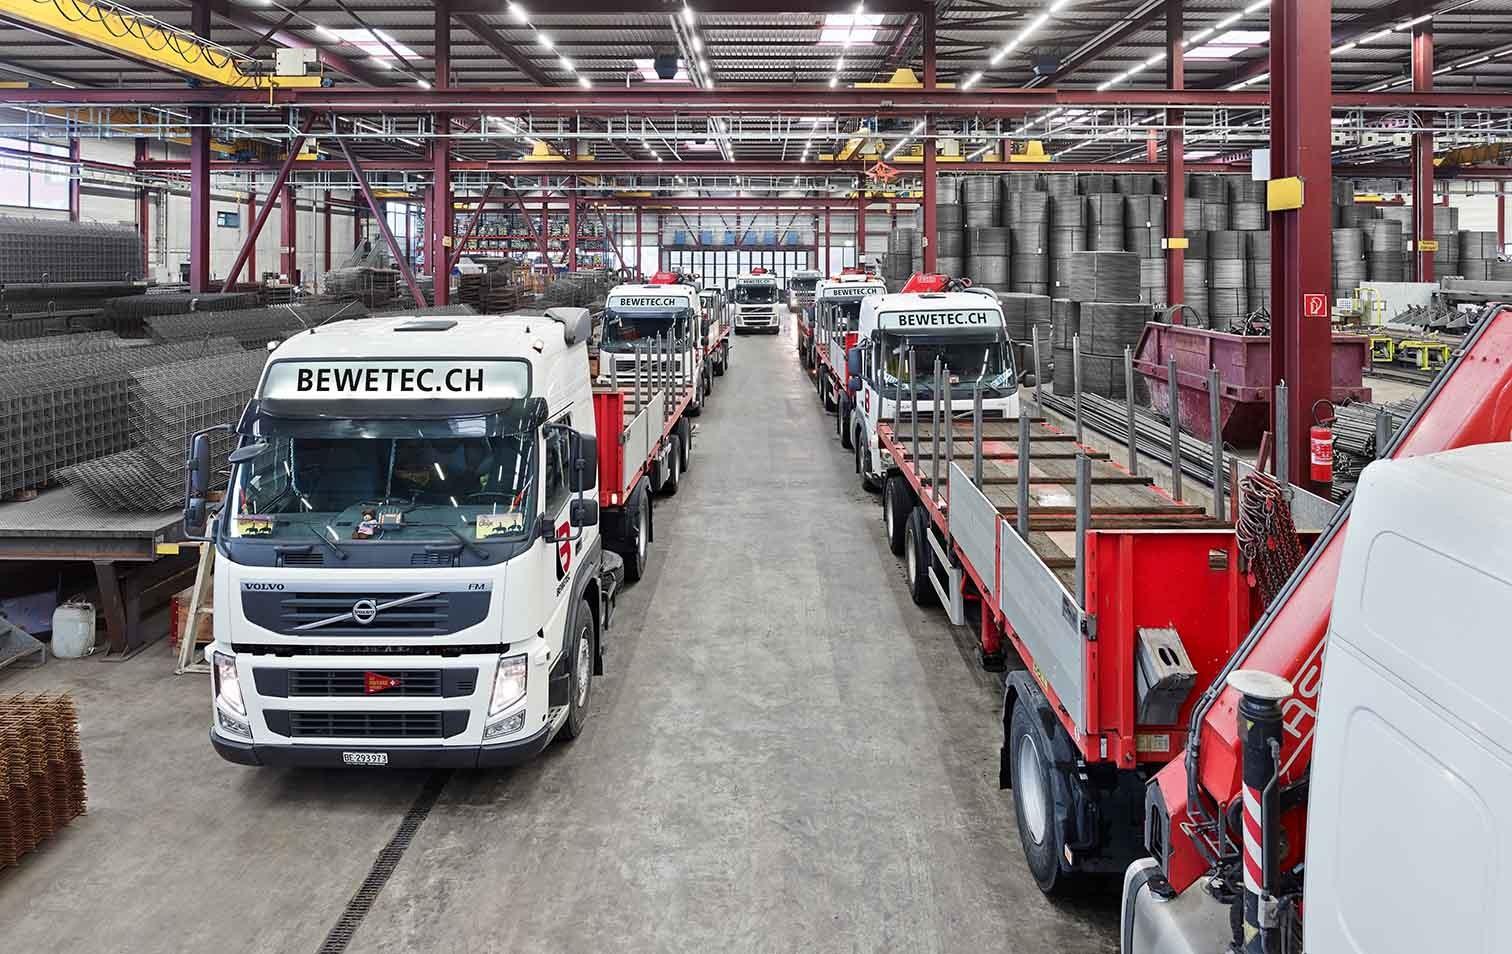 LKW-Flotte der Bewetec AG